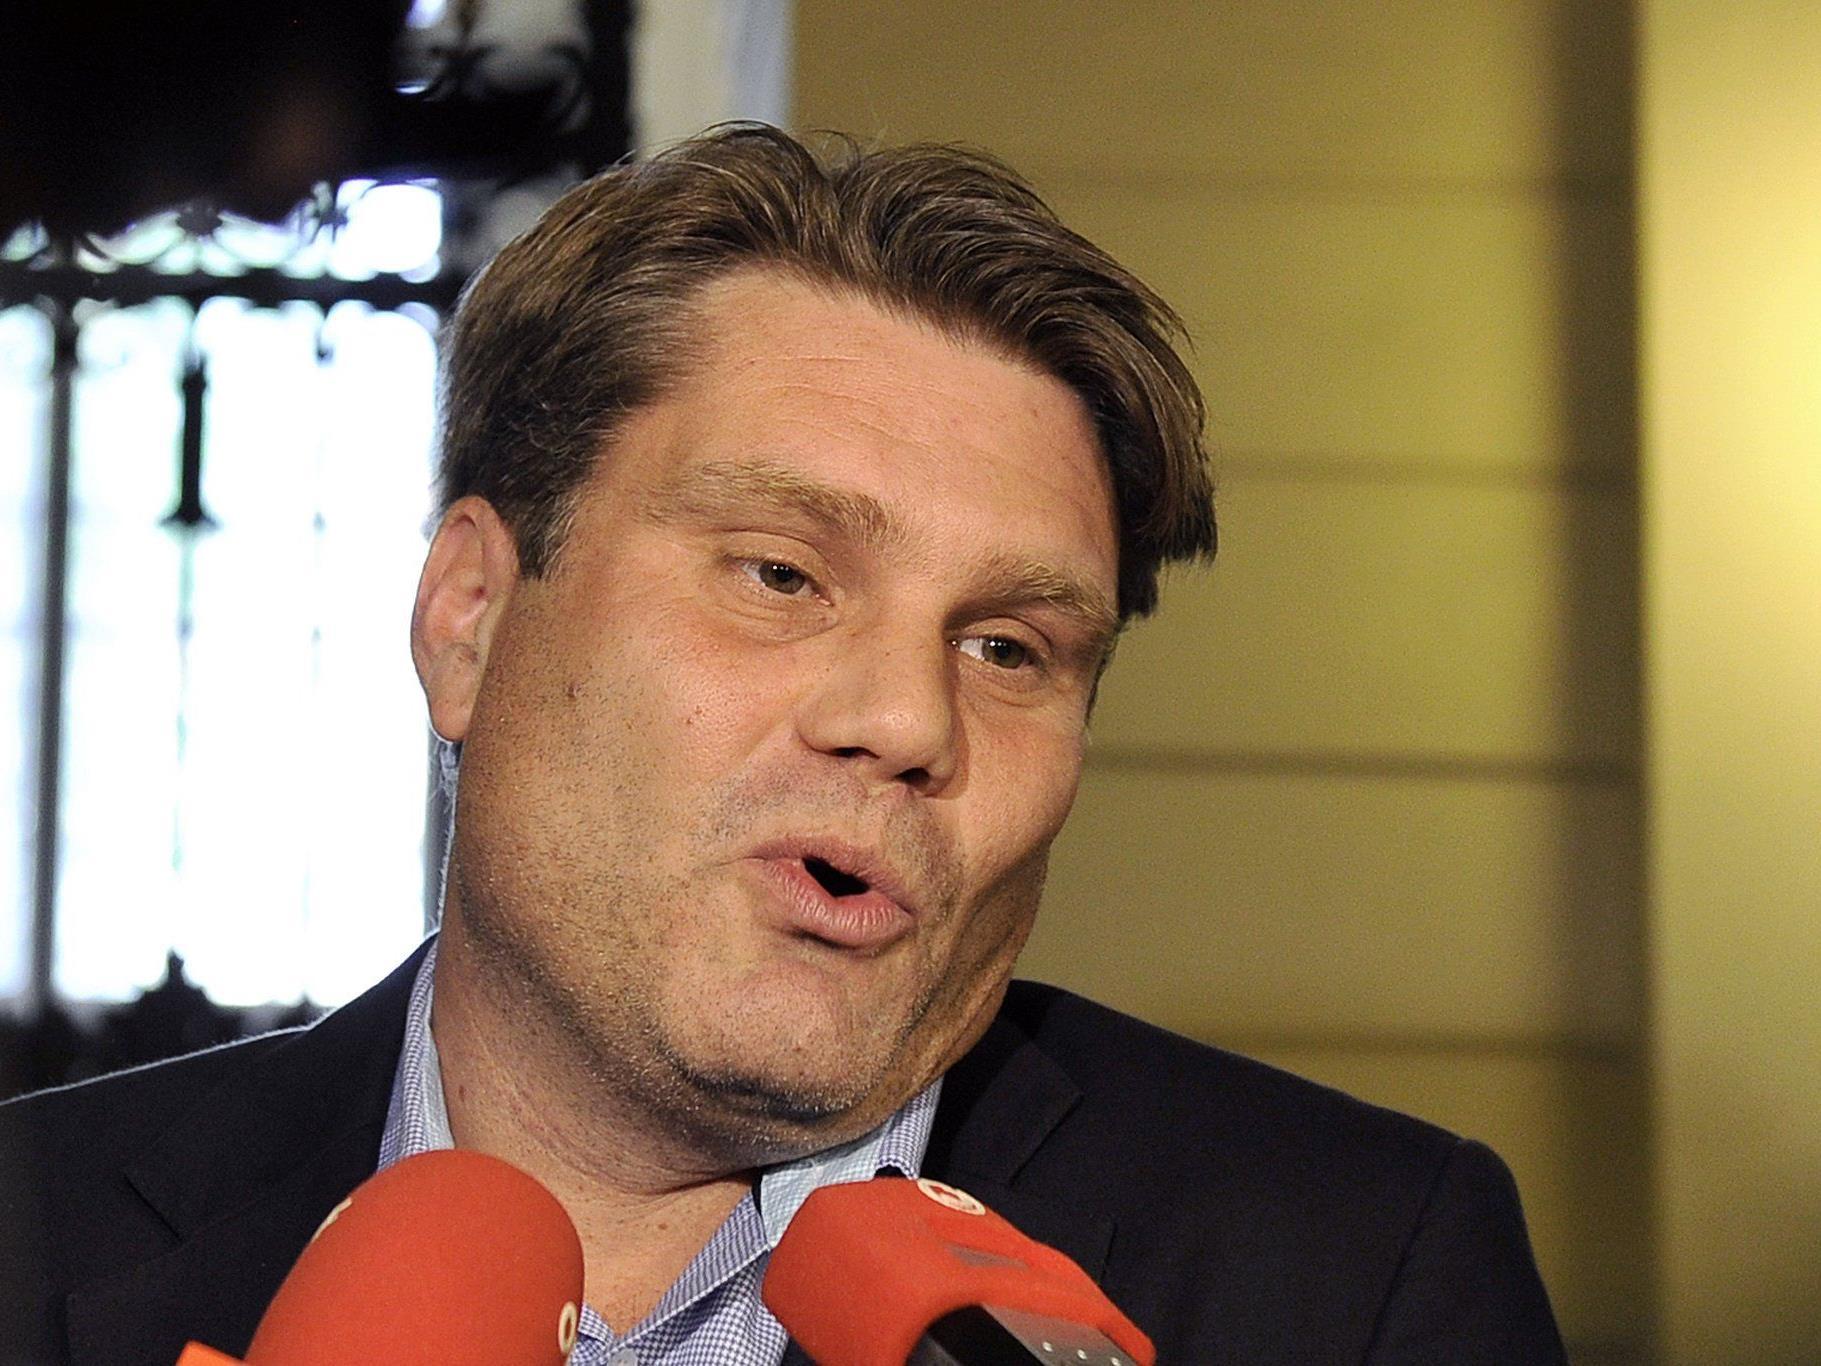 ÖVP-Generalsekretär Rauch Zeuge im Telekom-Prozess